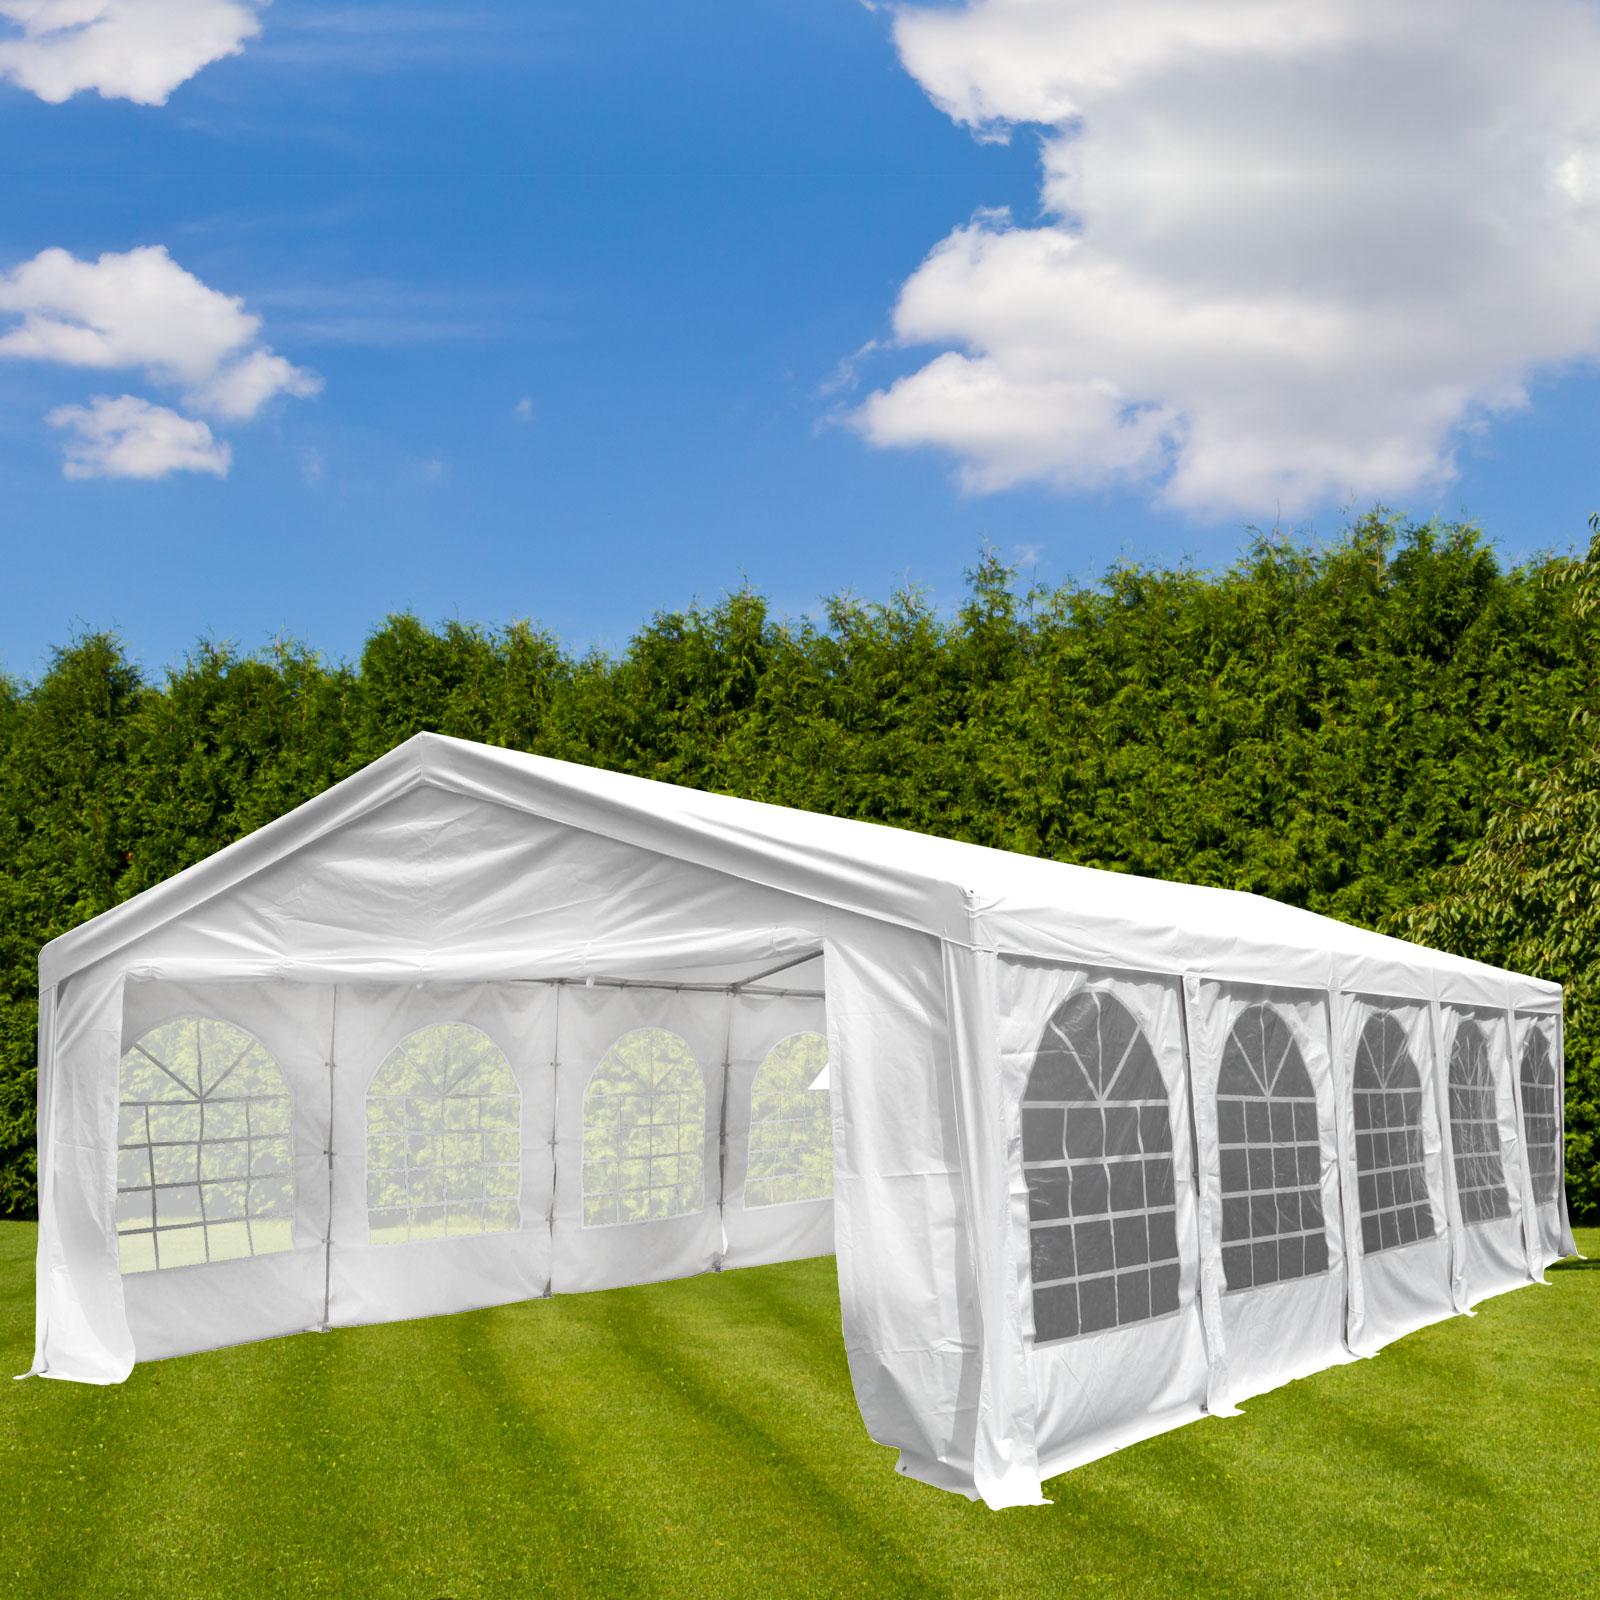 Dema Partyzelt Festzelt Gartenzelt Pavillon Las Vegas Gartenpavillon weiß 5x10 m 14277